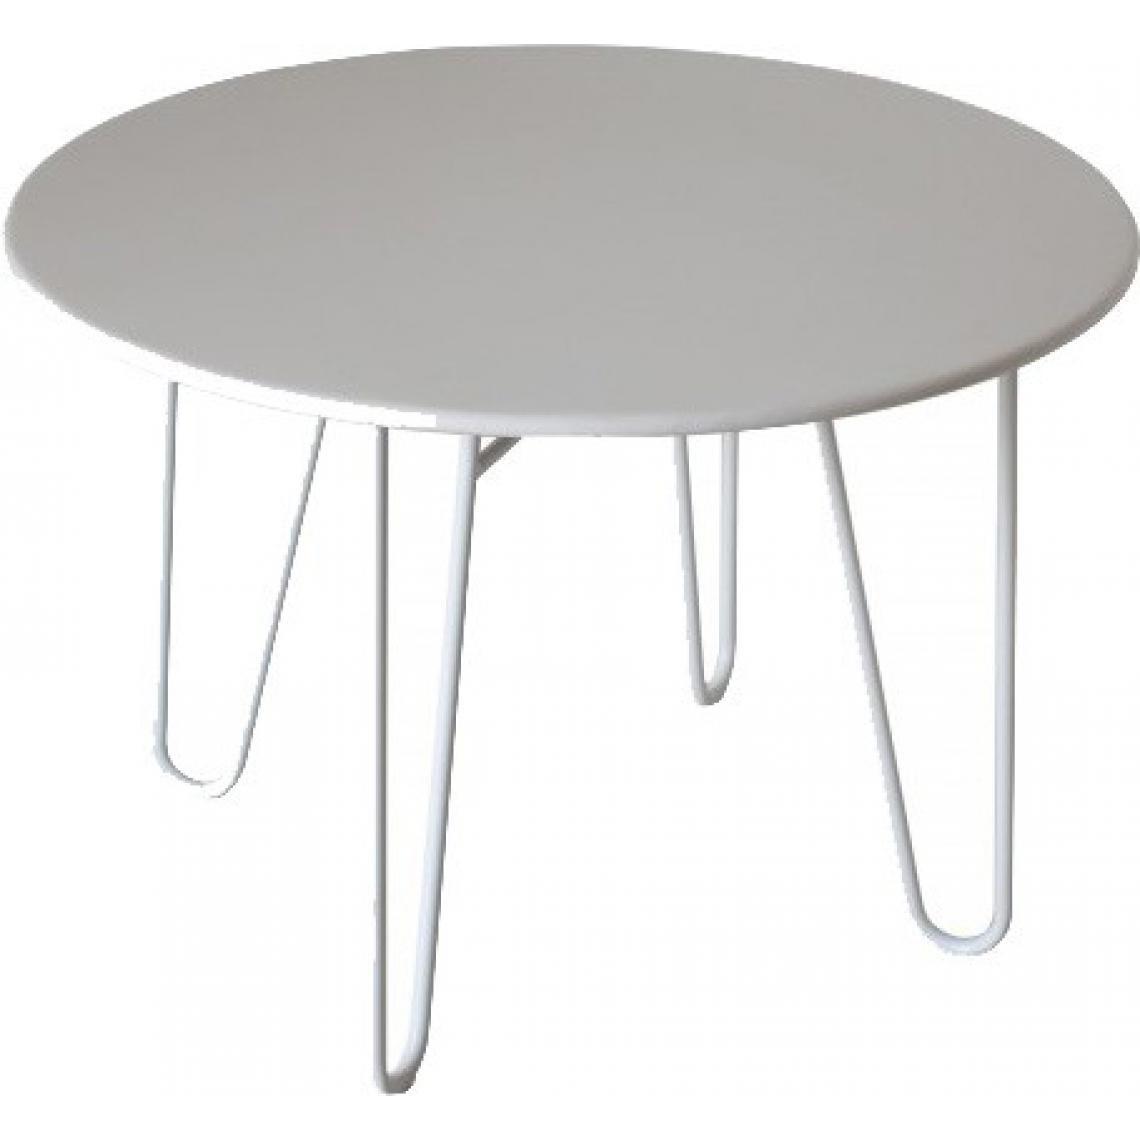 Table ronde blanche en métal Bénédicte  6 SUISSES